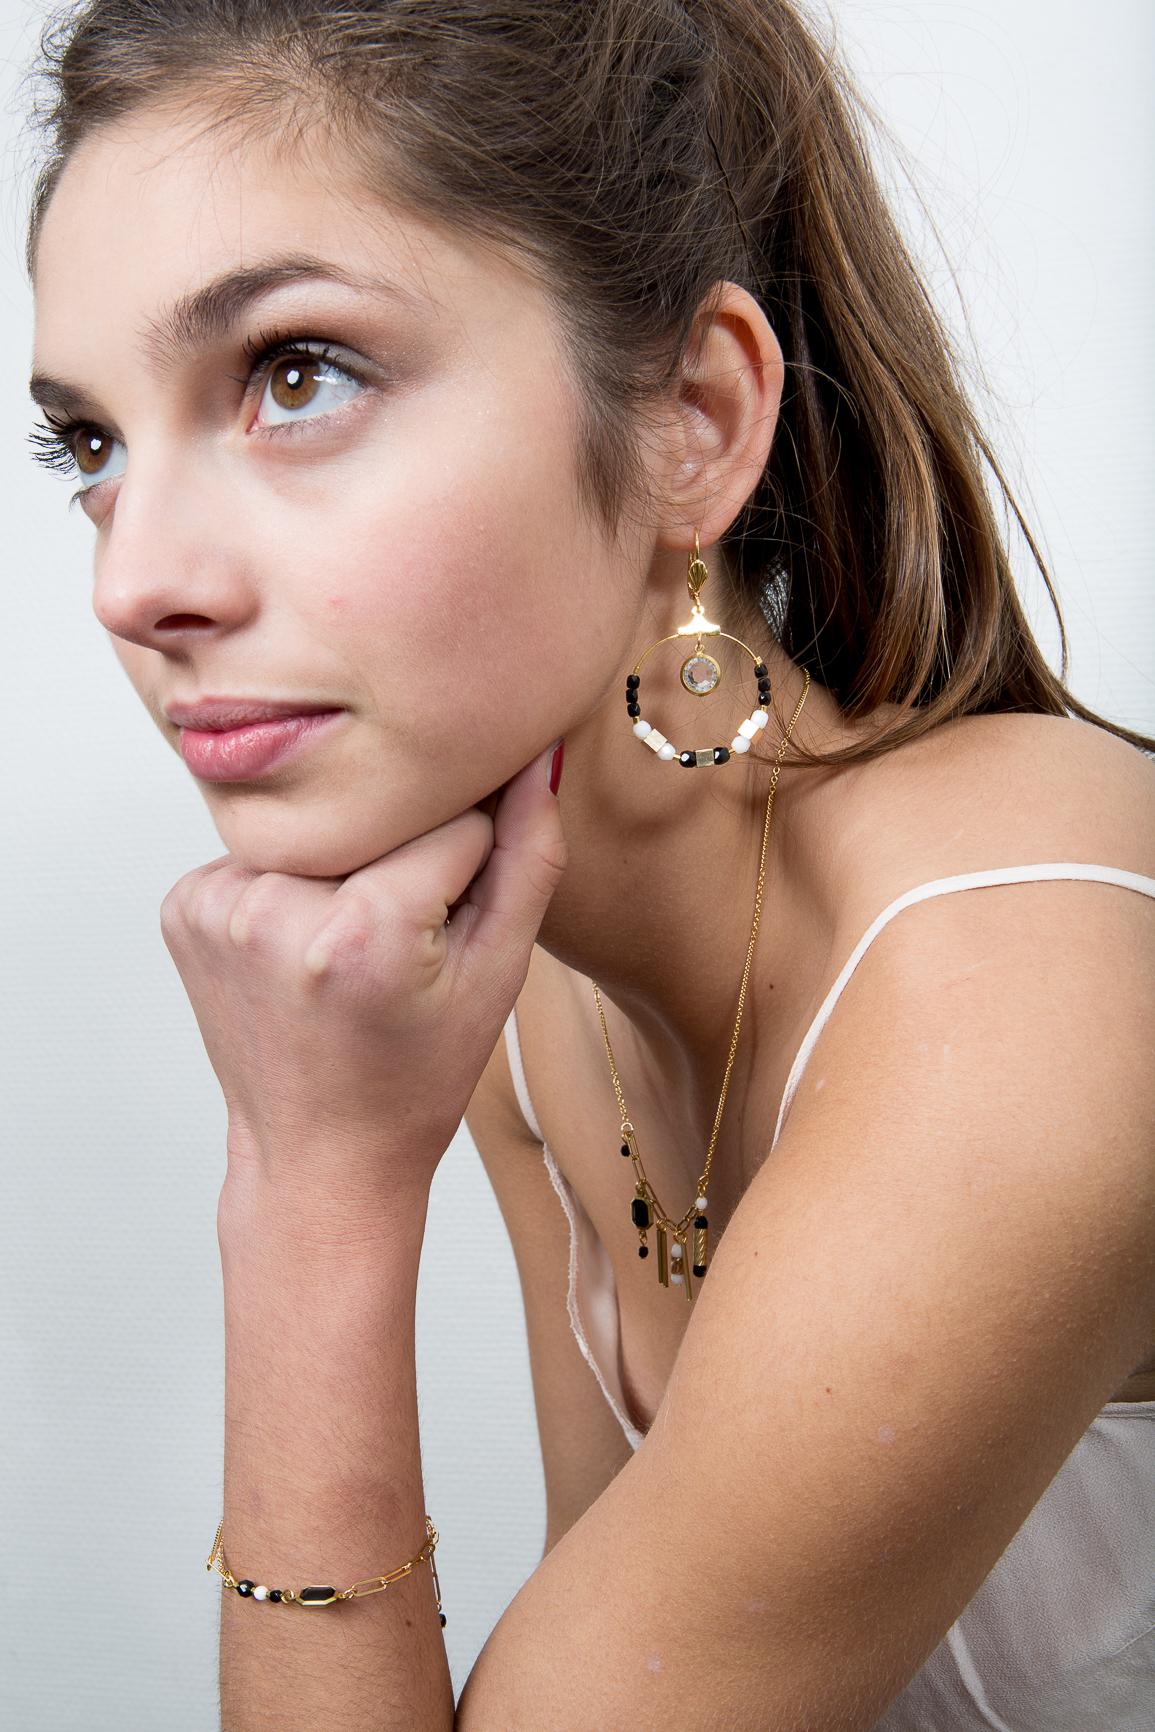 bijoux cestbonpourcquetas -146